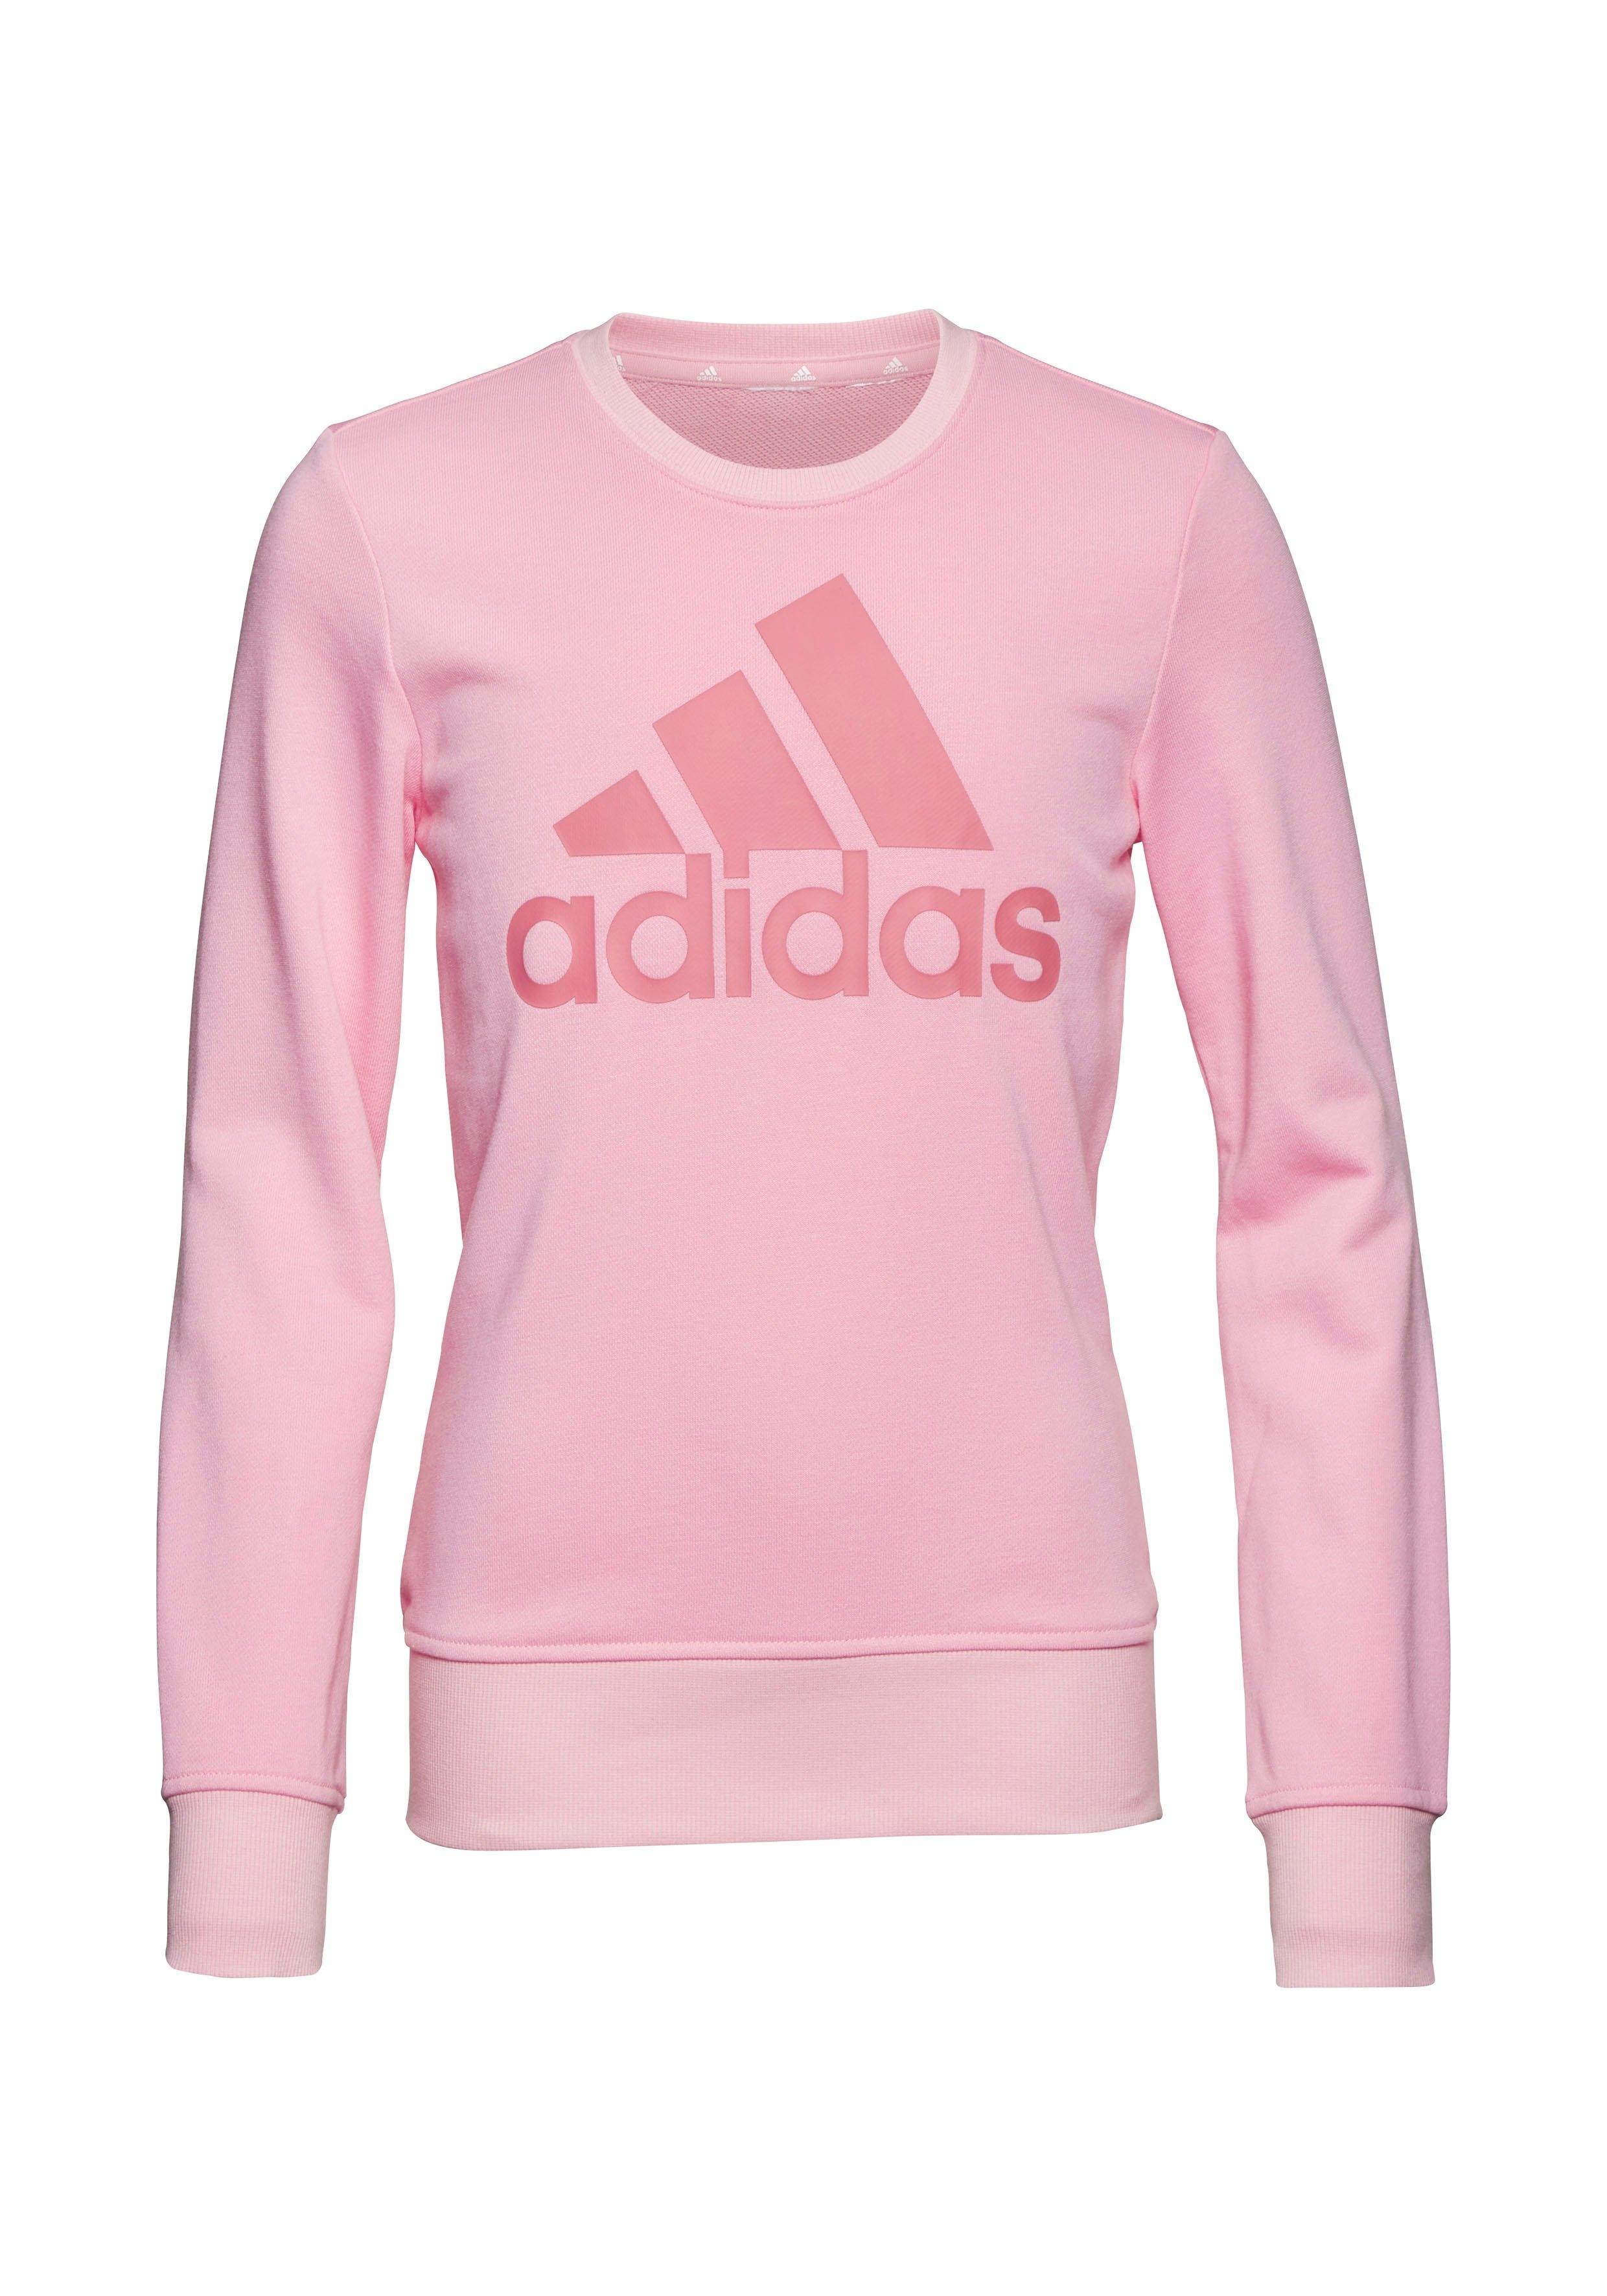 adidas Performance sweatshirt ADIDAS GIRLS ESSENTIALS BIG LOGO SWEATSHIRT voordelig en veilig online kopen